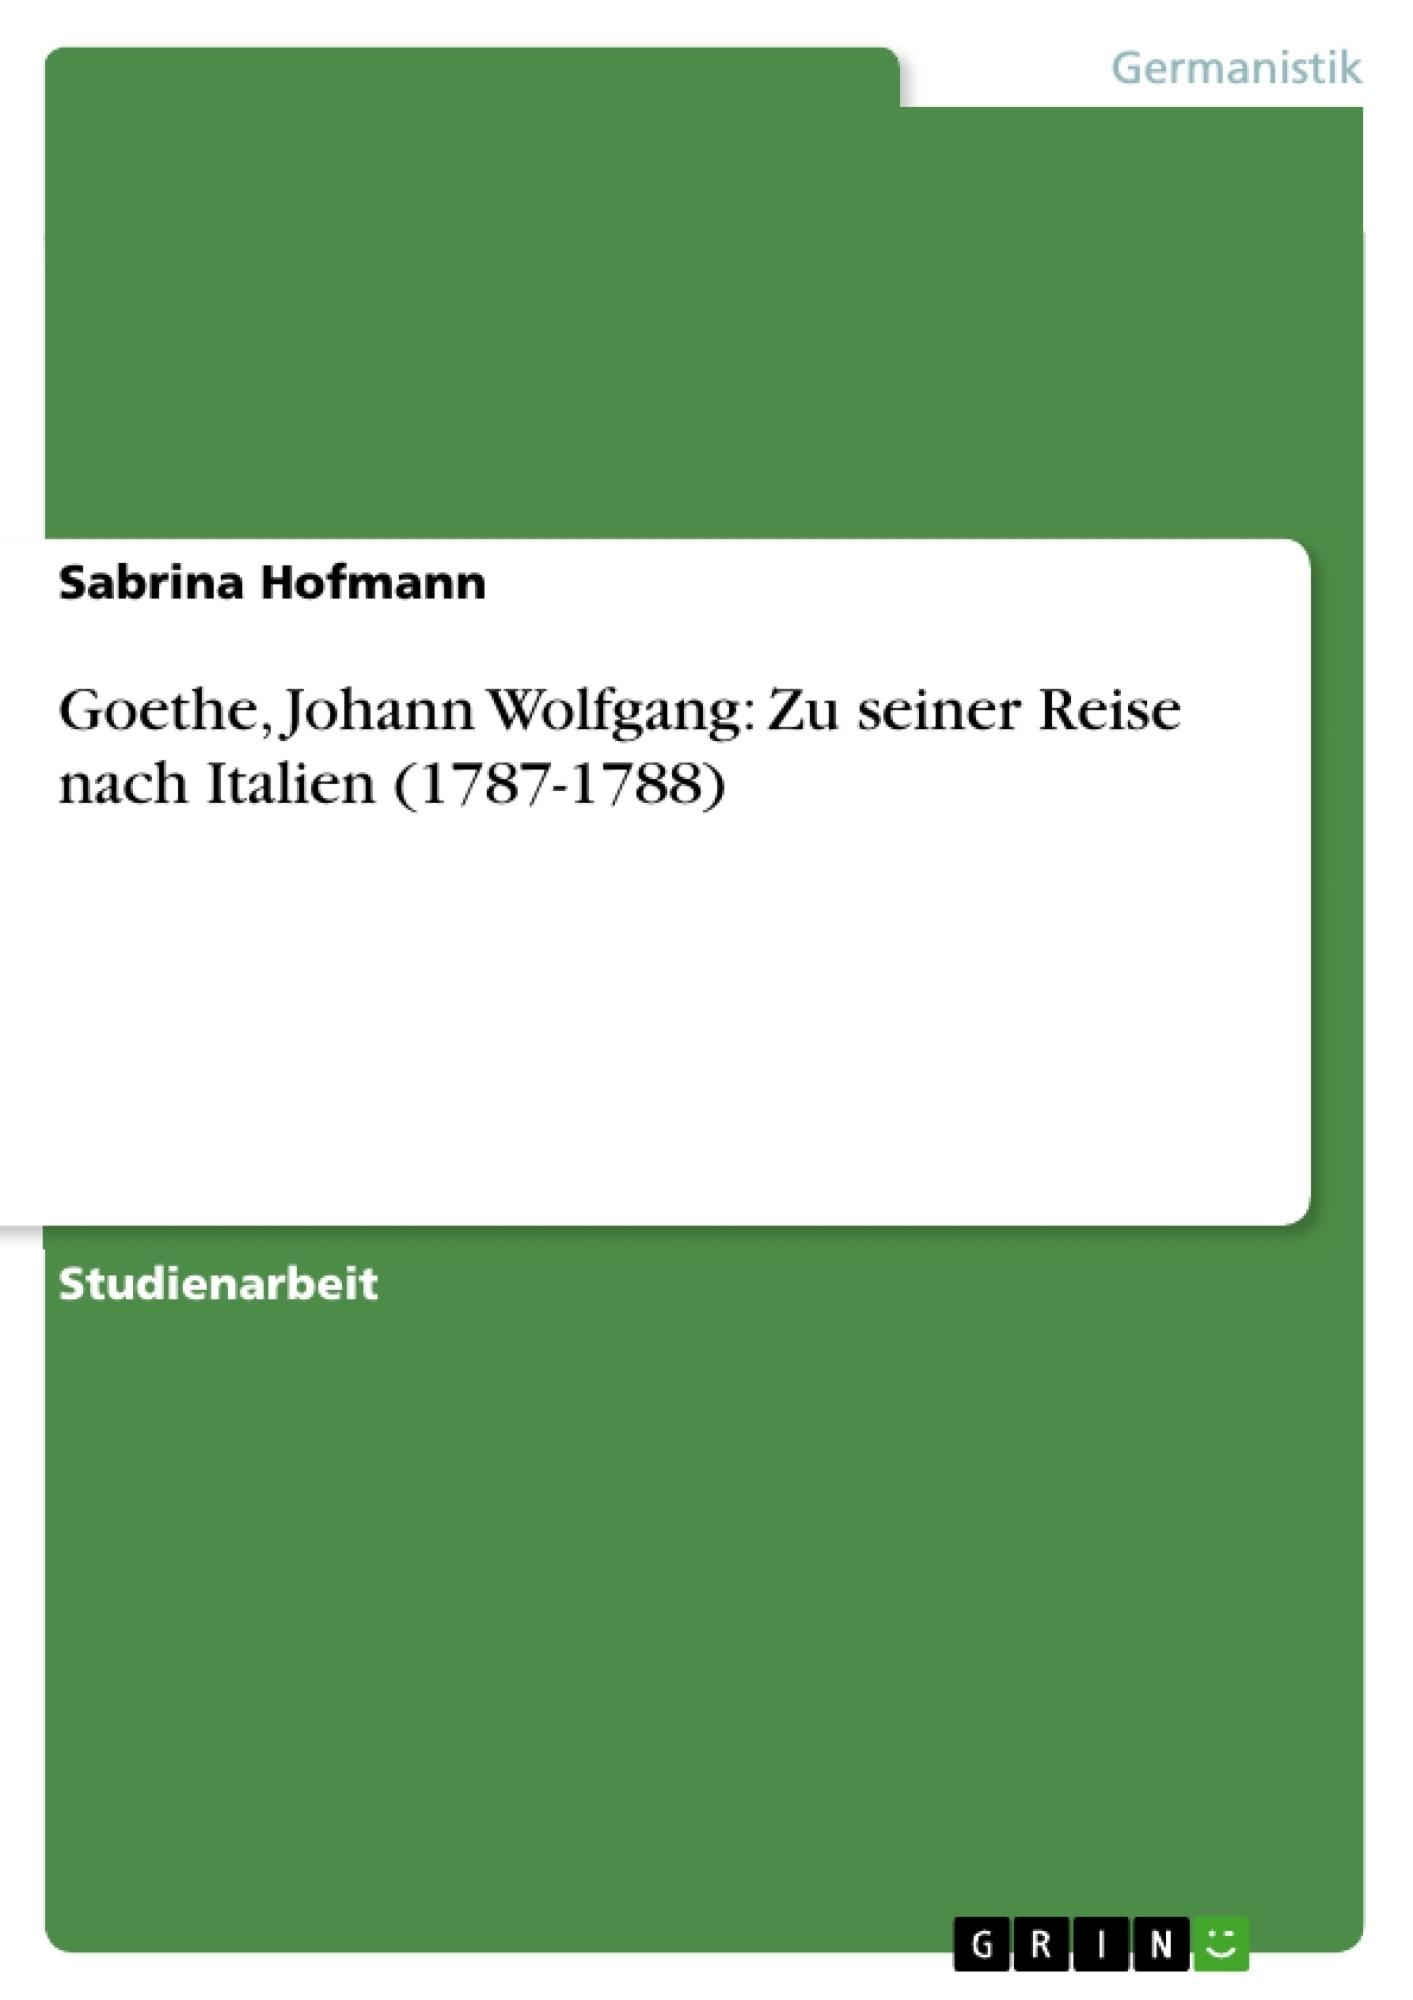 Titel: Goethe, Johann Wolfgang: Zu seiner Reise nach Italien (1787-1788)